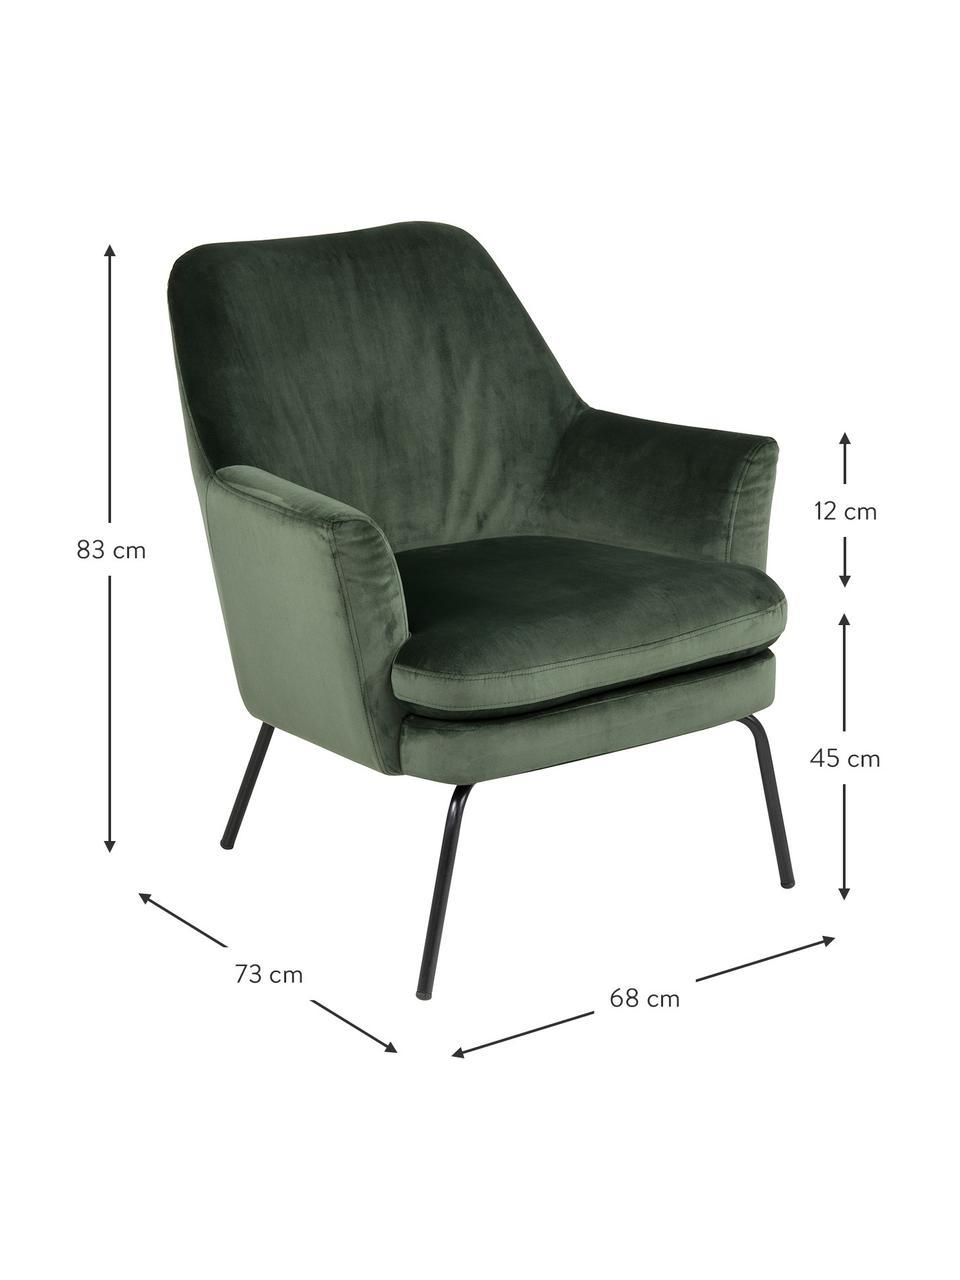 Fluwelen fauteuil Chisa in groen, Bekleding: polyester (fluweel), Poten: gepoedercoat metaal, Bosgroen, 68 x 73 cm